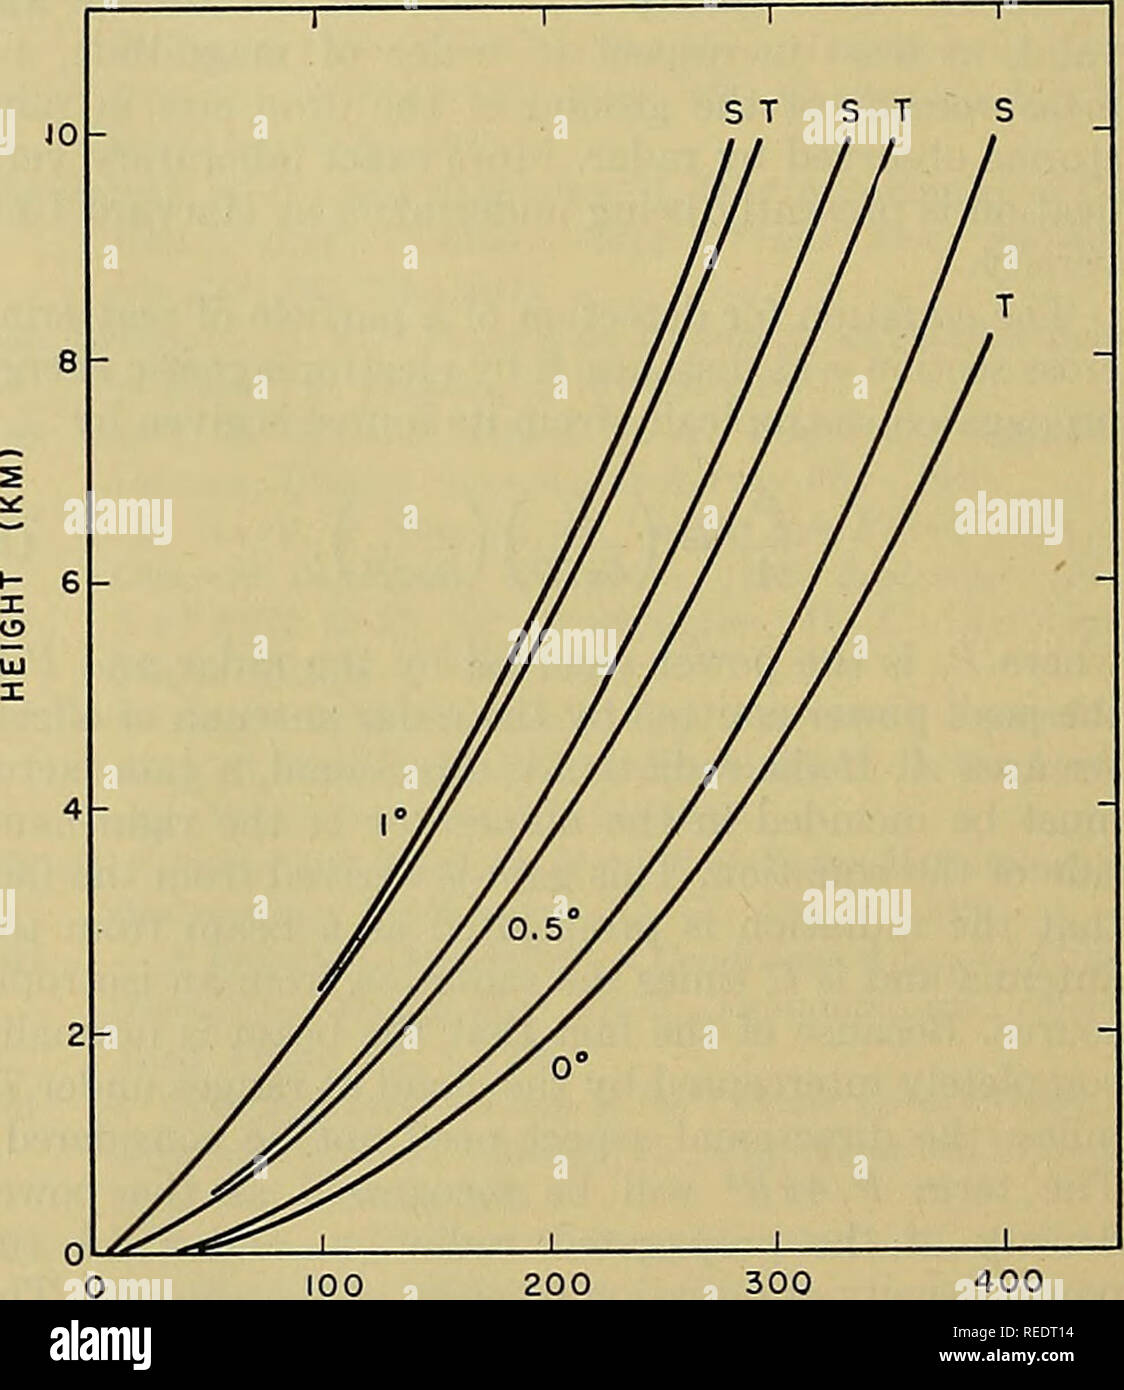 . Kompendium der Meteorologie. Meteorologie. 3 4 5 6 DURCHMESSER DER REGENTROPFEN (MM) Abb. 1.- Verhältnis der tatsächlichen Streuung zu Rayleigh-streuung. durch Haddock (unveröffentlicht) von Berechnungen durch das nationale Büro des Standards gemacht. Für eine Wellenlänge von 10 cm, Rayleigh-streuung hält fast genau. Tabelle I. Rückstrahlfläche (< r) für verschiedene Niederschlagsmengen (in 10~' cm^pro Kubikzentimeter) Niederschlag X = 1,25 cm x = 3 cm (mm hr') Ryde Ryde Schellfisch Schellfisch 0,25 0.534 0.570 0.0115 0.0143 1,25 6,58 6,50 0,116 0,156 2,5 18,2 19,5 0.337 0.459 12,5 162 176 4,57 5,59 25 390 415 14,5 16,8 50 901 968 46,2 4. Stockbild